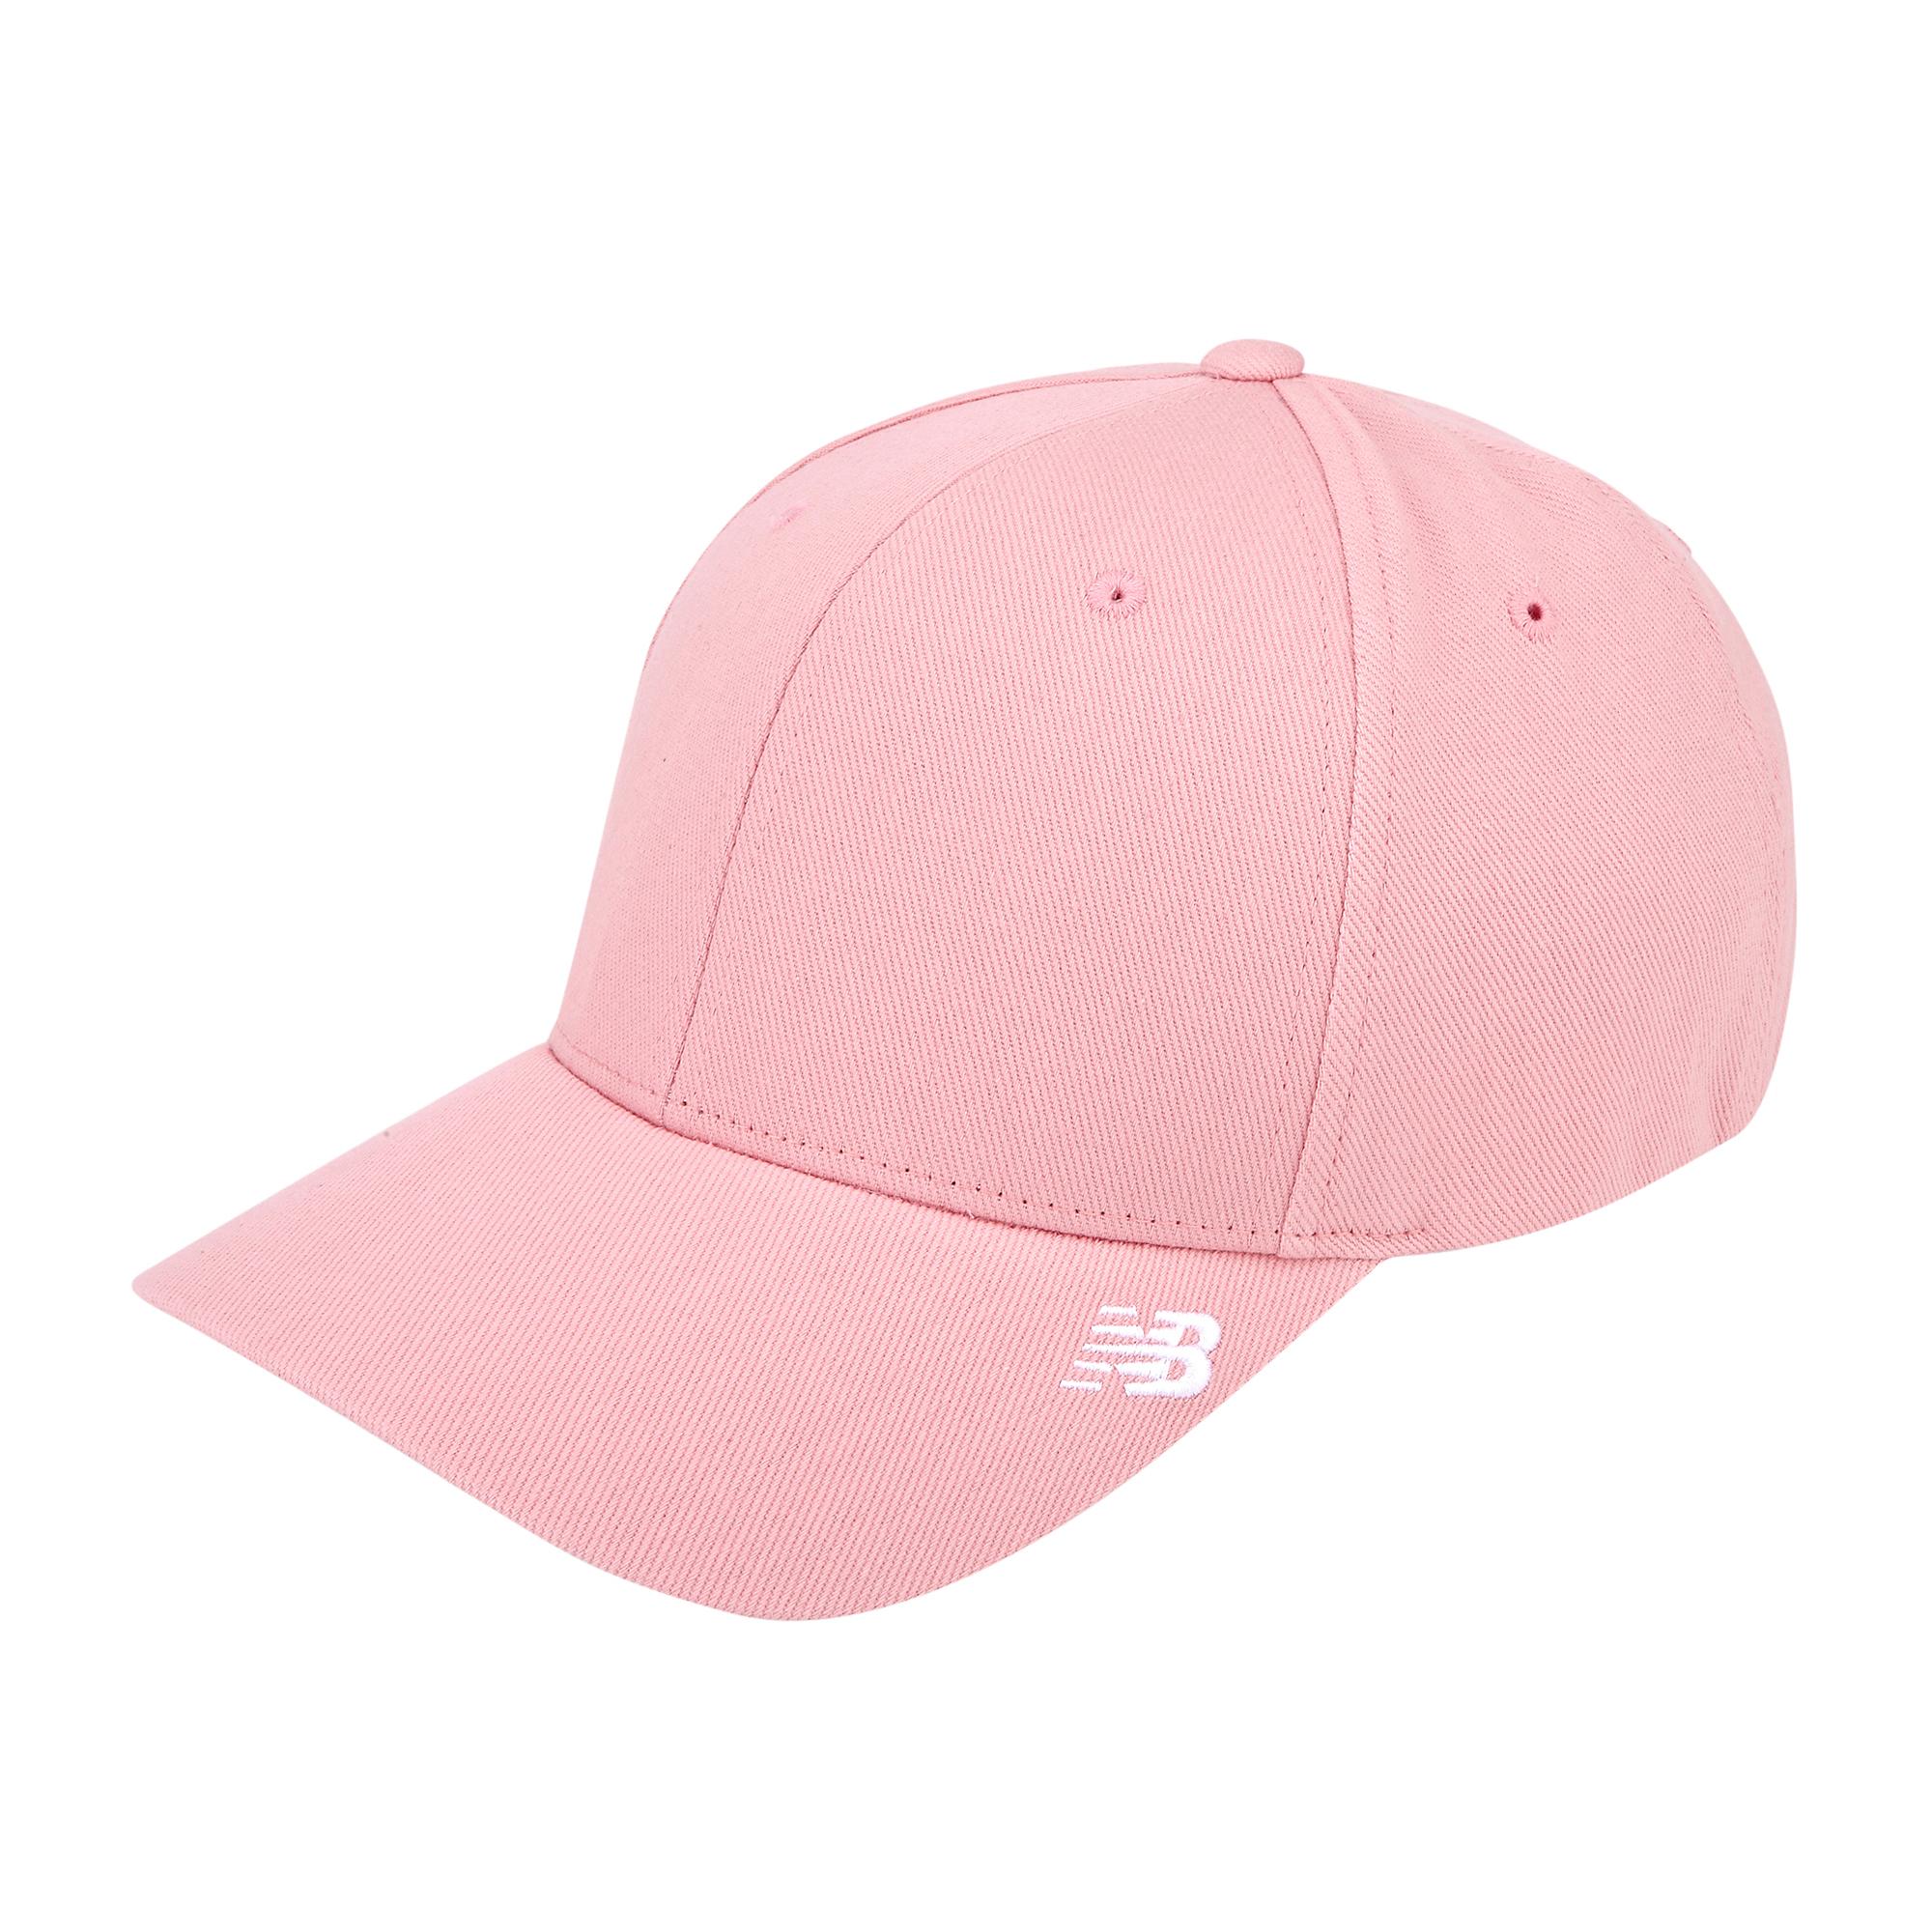 뉴발란스 사이드 로고 캡 NBGD9F0104-00, Pink